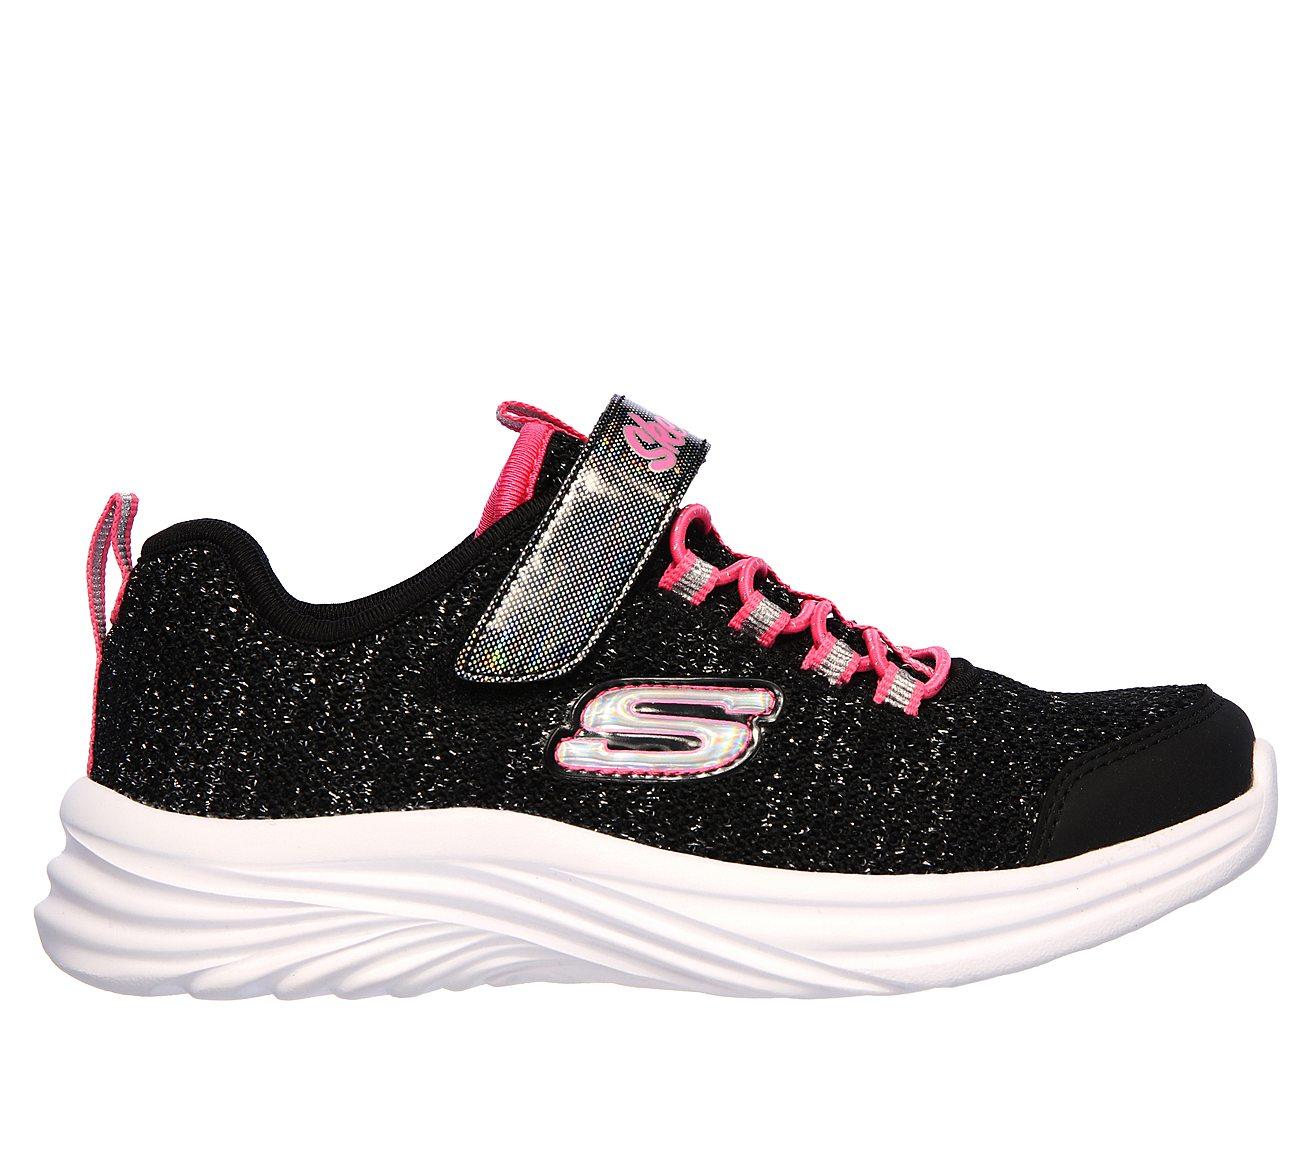 Buy SKECHERS Dreamy Dancer Sport Shoes